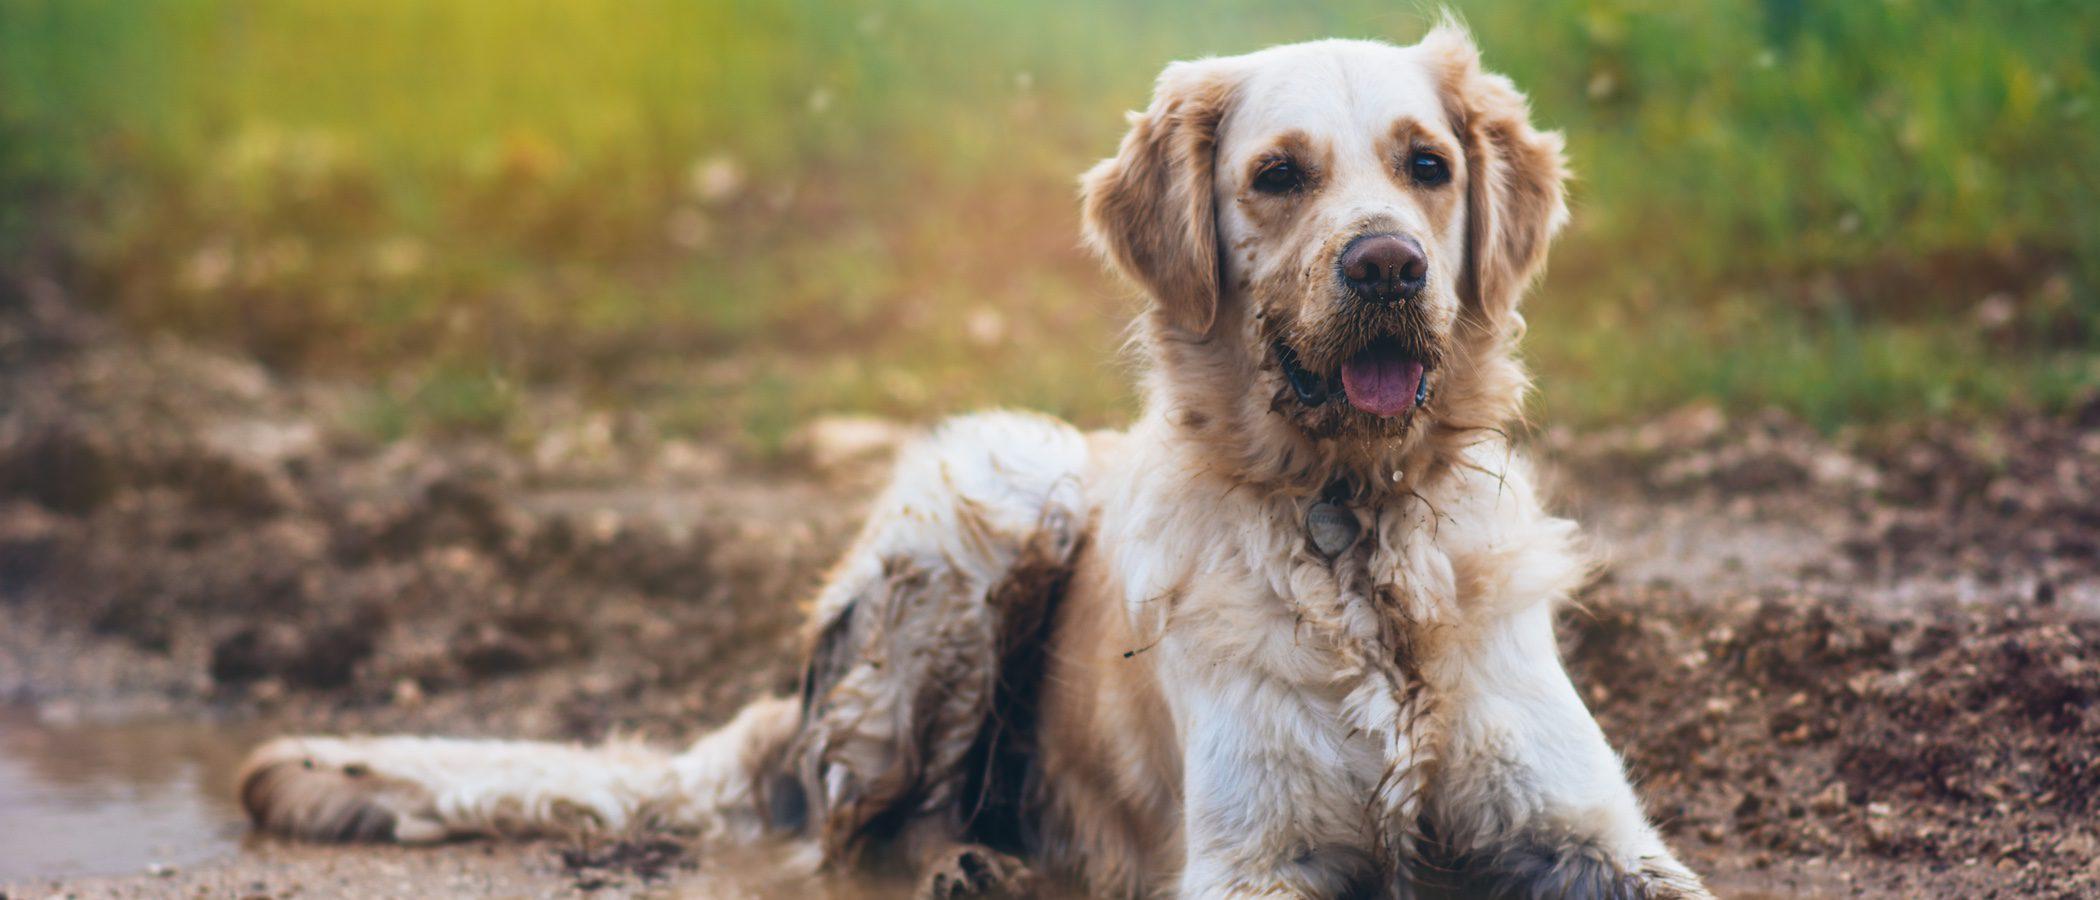 ¿Por qué huele mal mi perro?